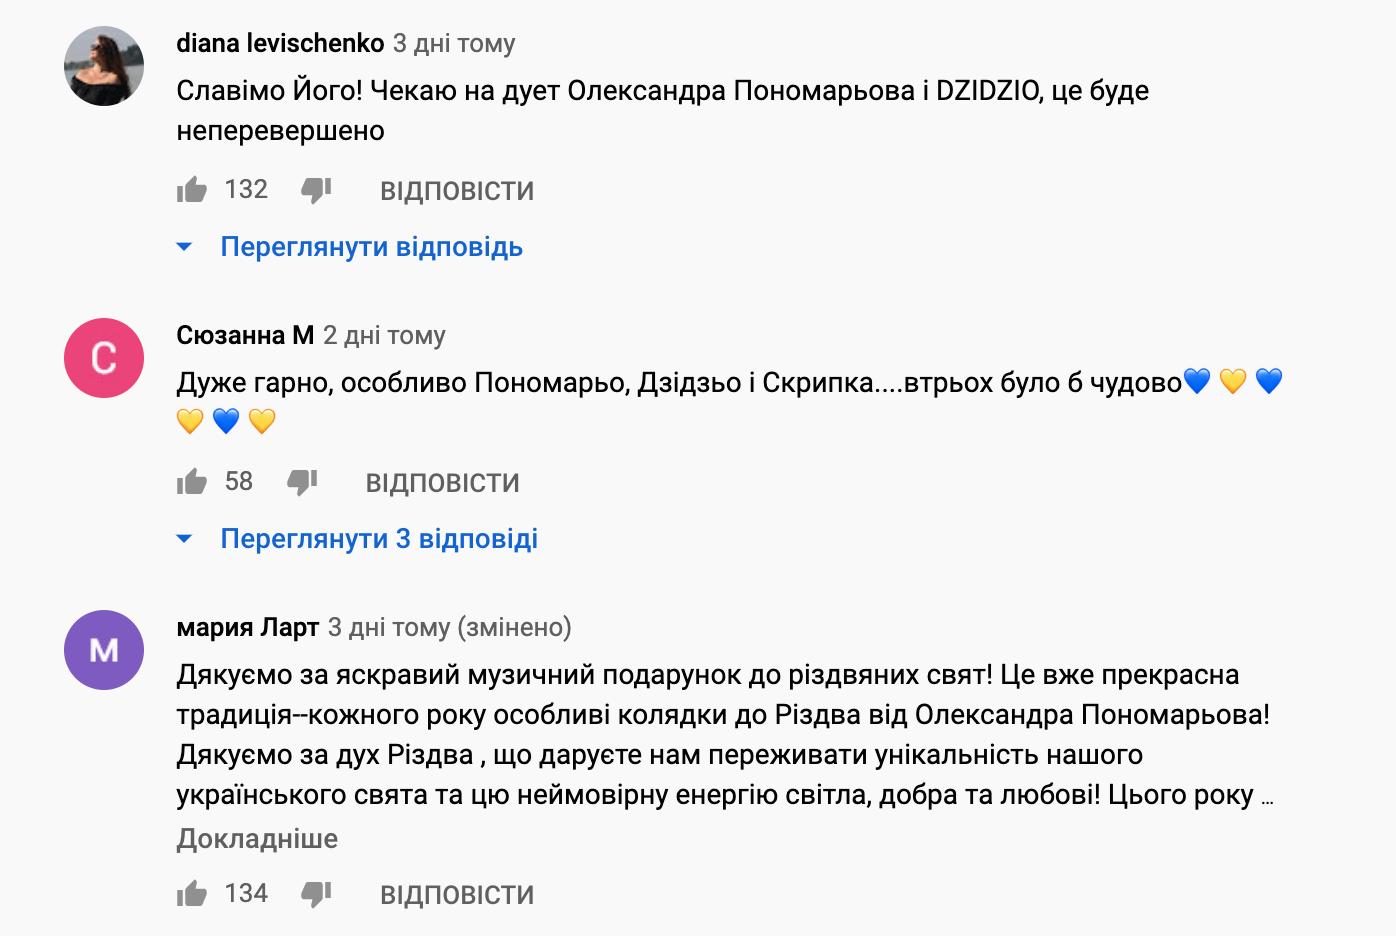 Украинцы расхвалили колядку в исполнении украинских звезд